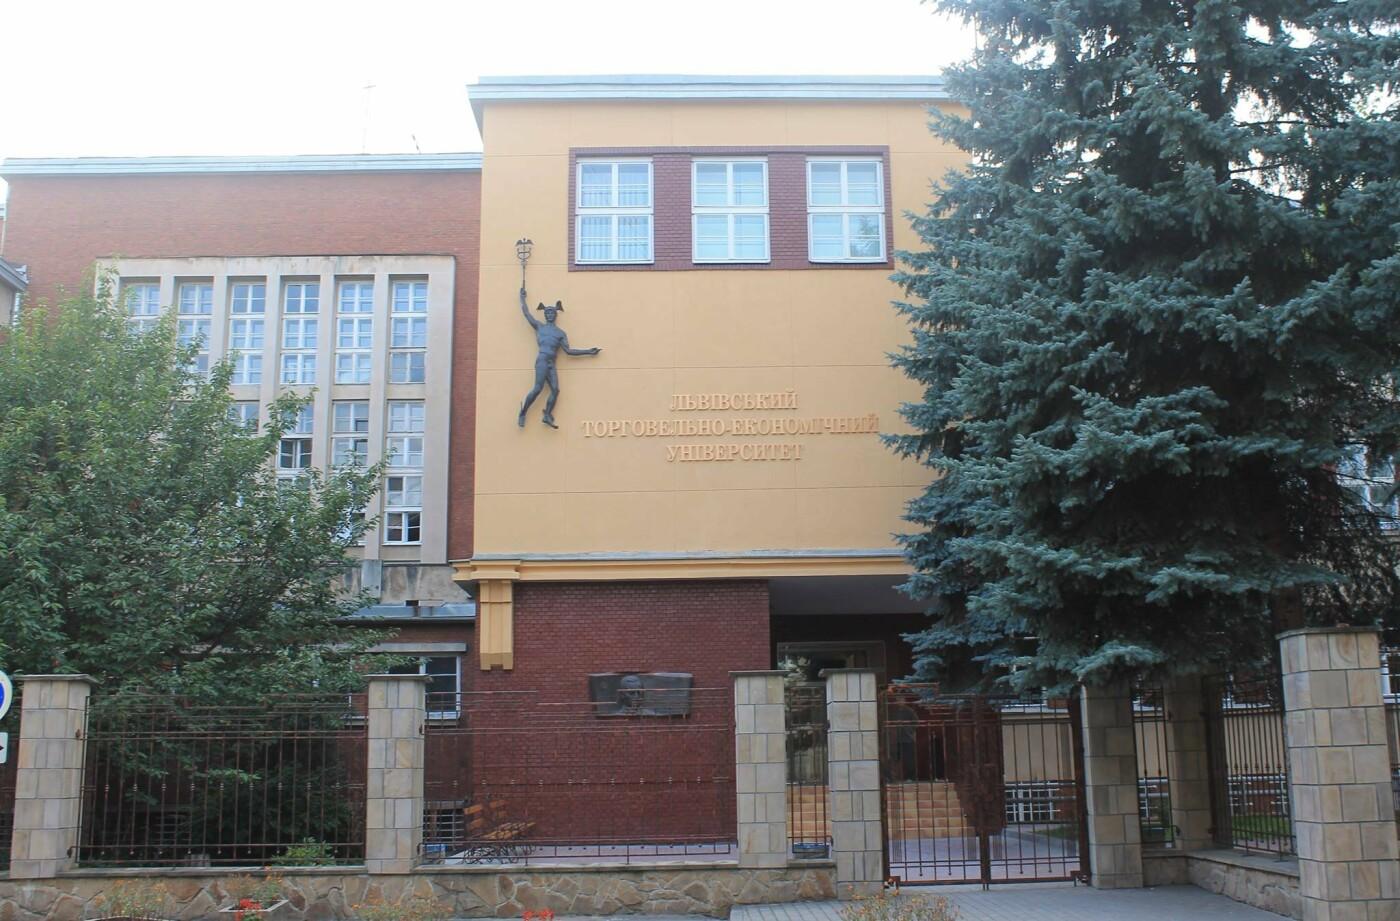 Львівський торговельно-економічний університет, Фото із фейсбук-сторінки